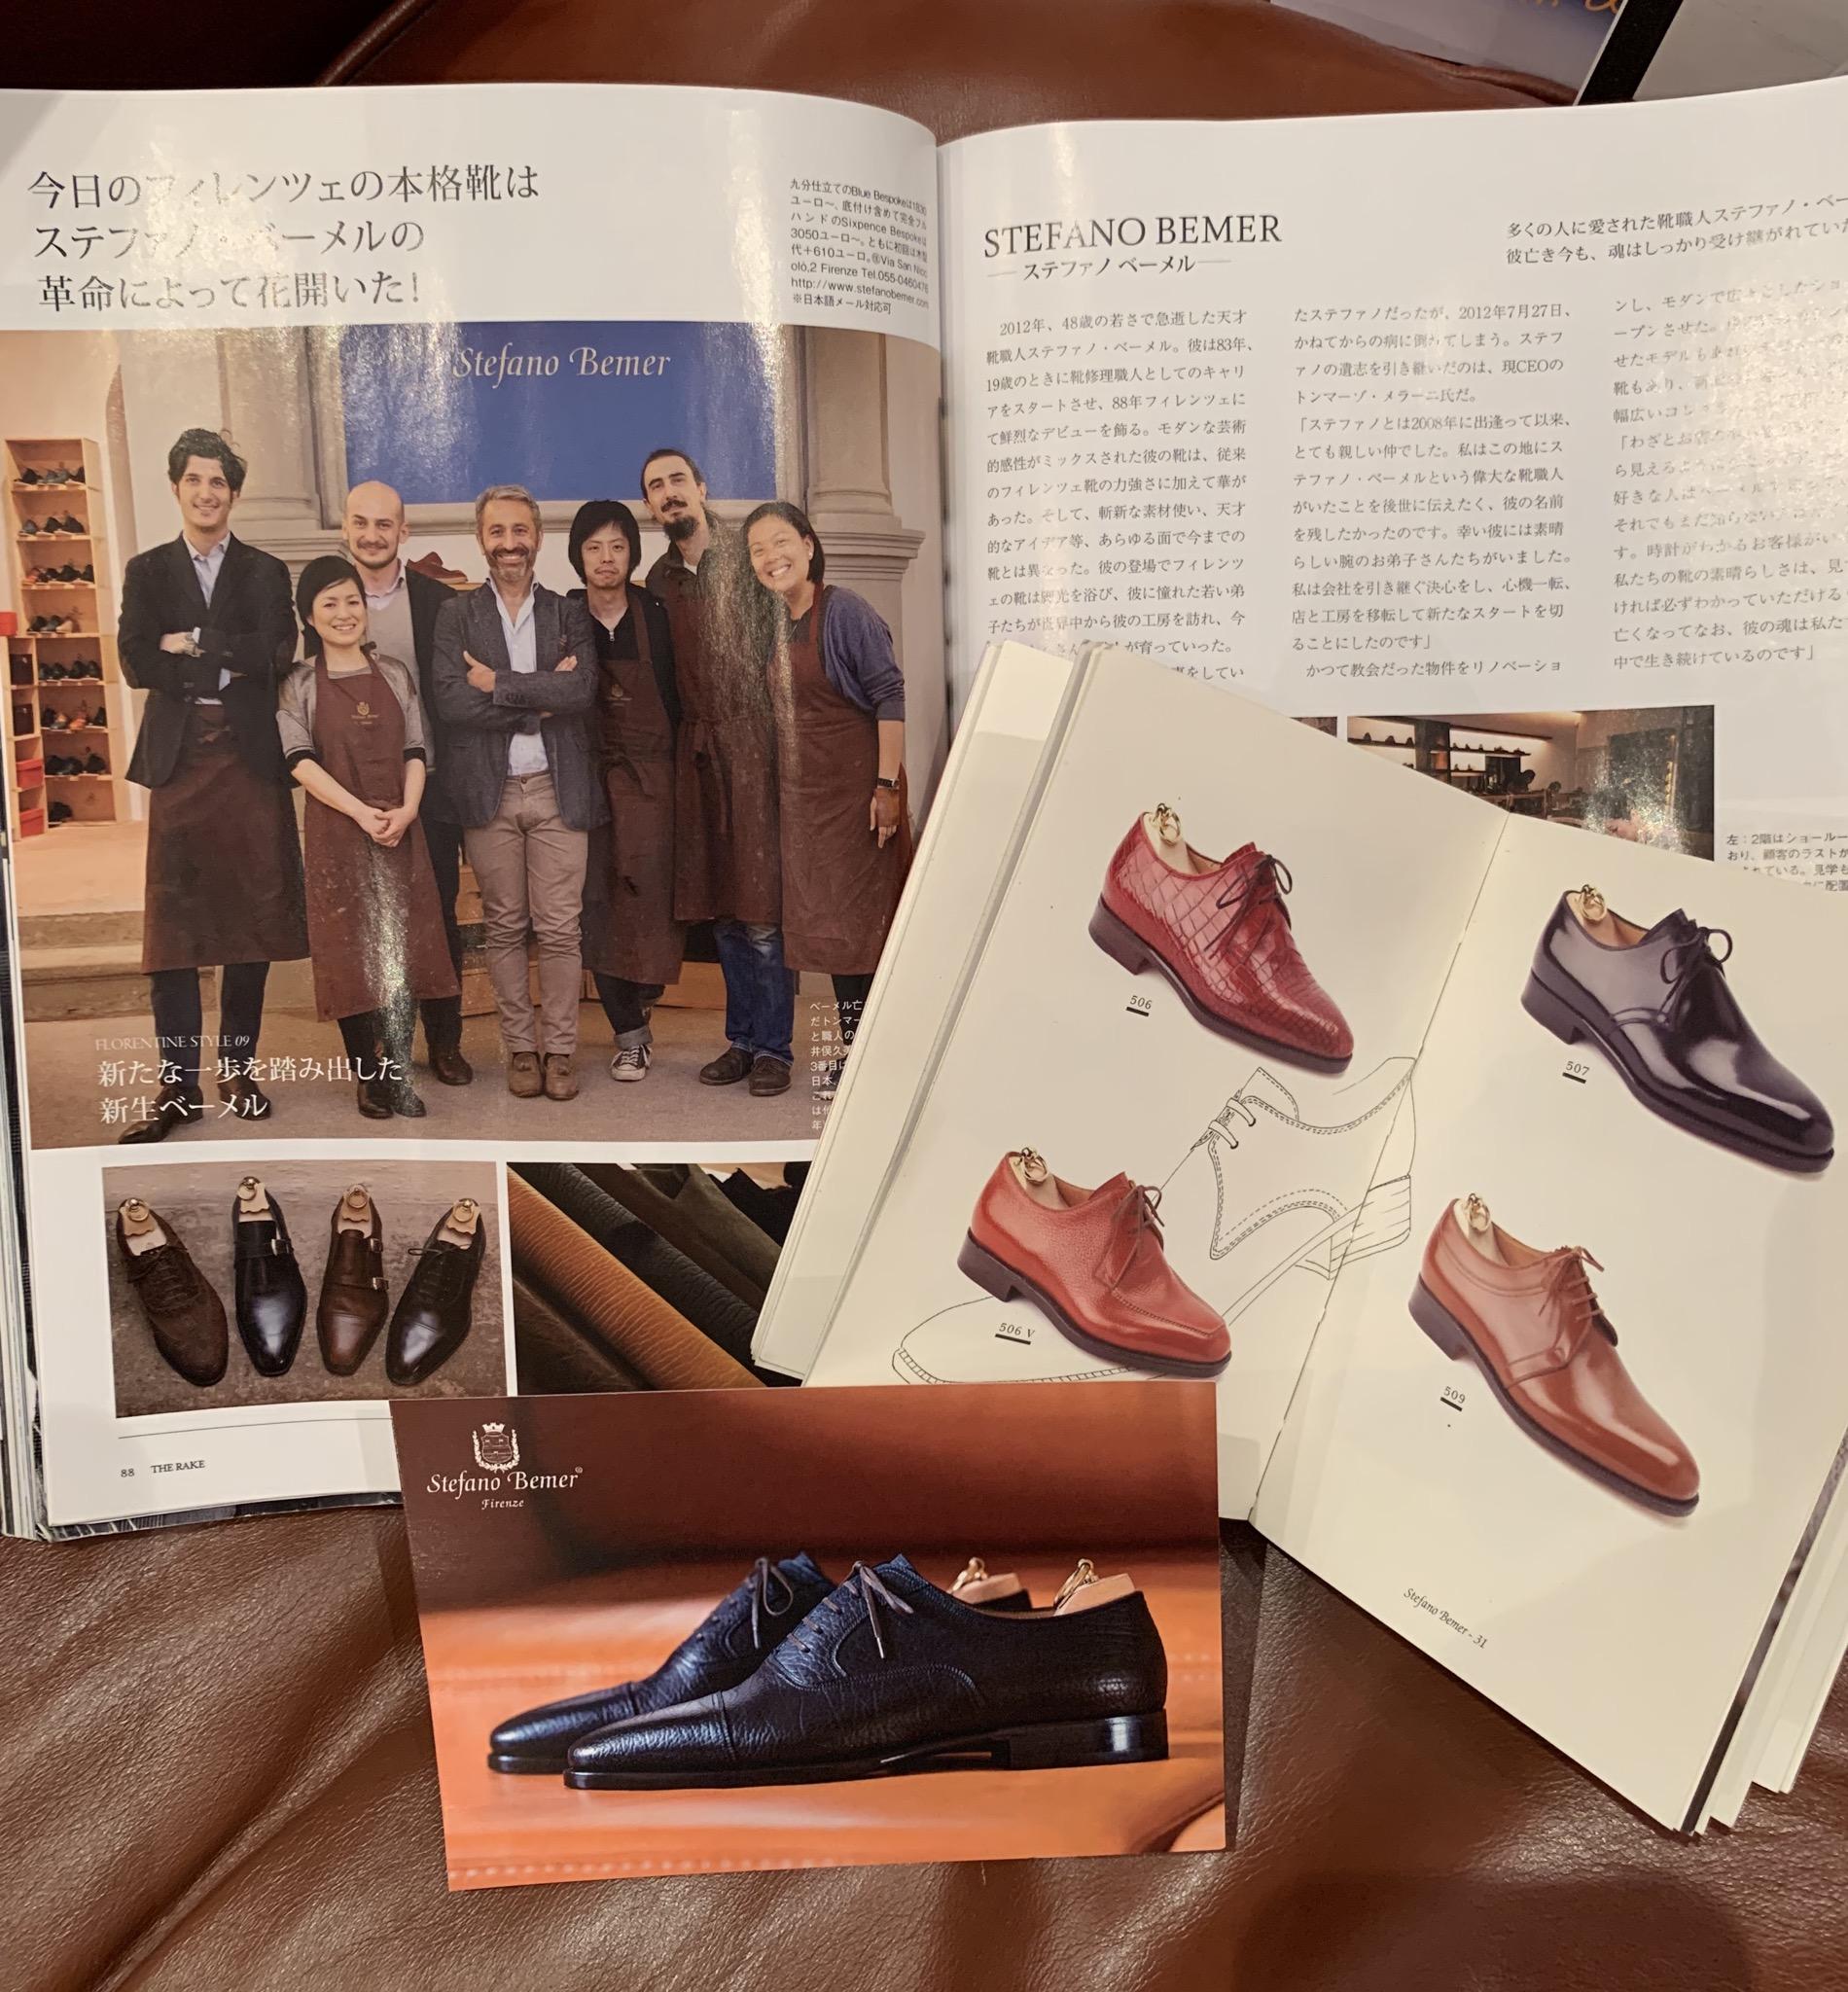 ◆華の都フィレンツェの天才靴職人ステファノベーメル◆